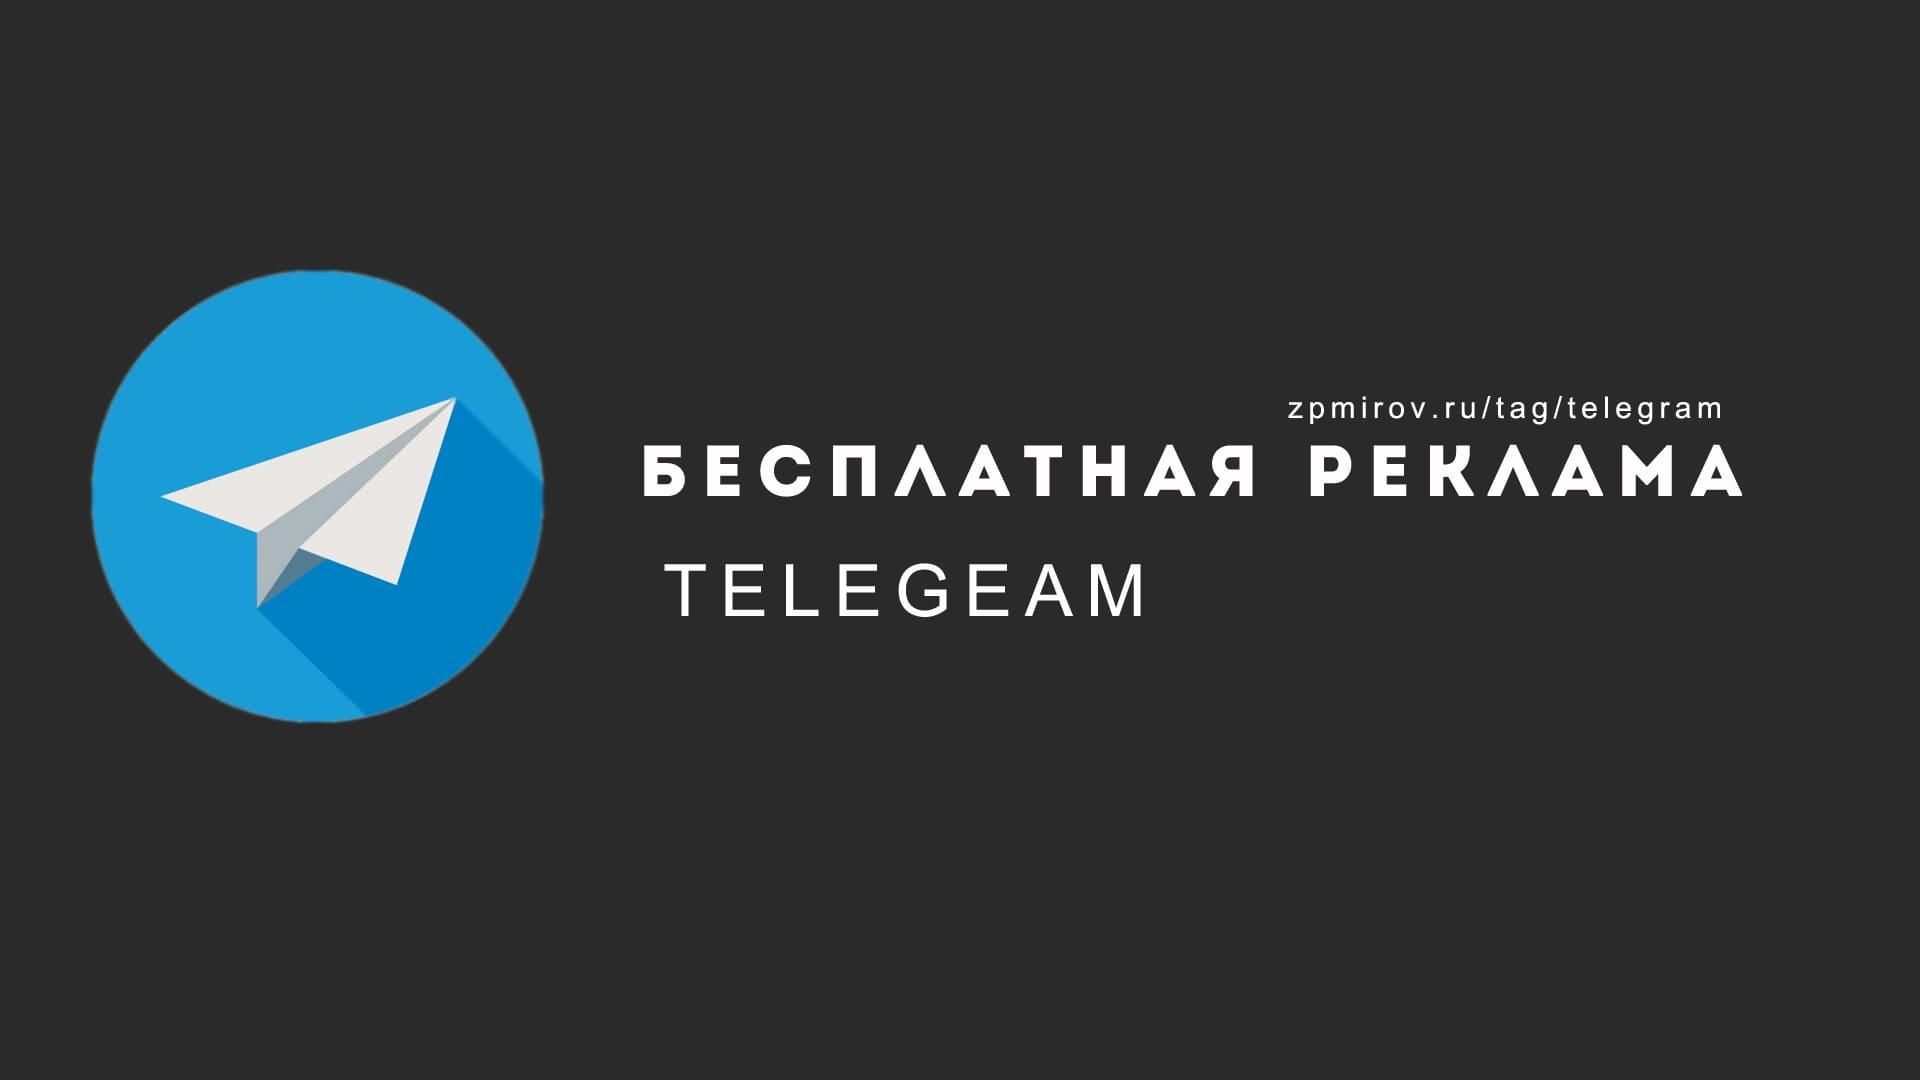 Реклама в телеграм бесплатно